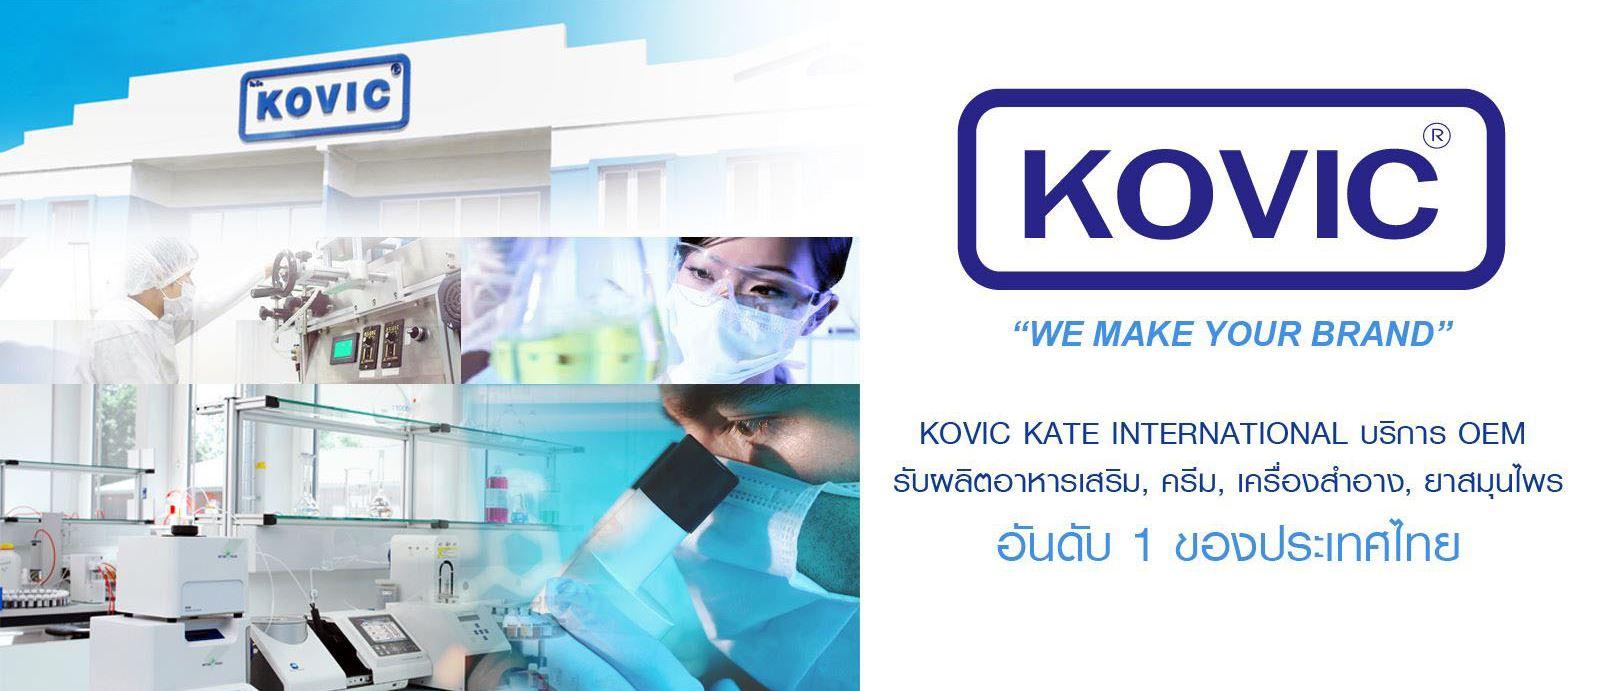 โรงงานผลิตสบู่กลูต้า Kovic.co.th